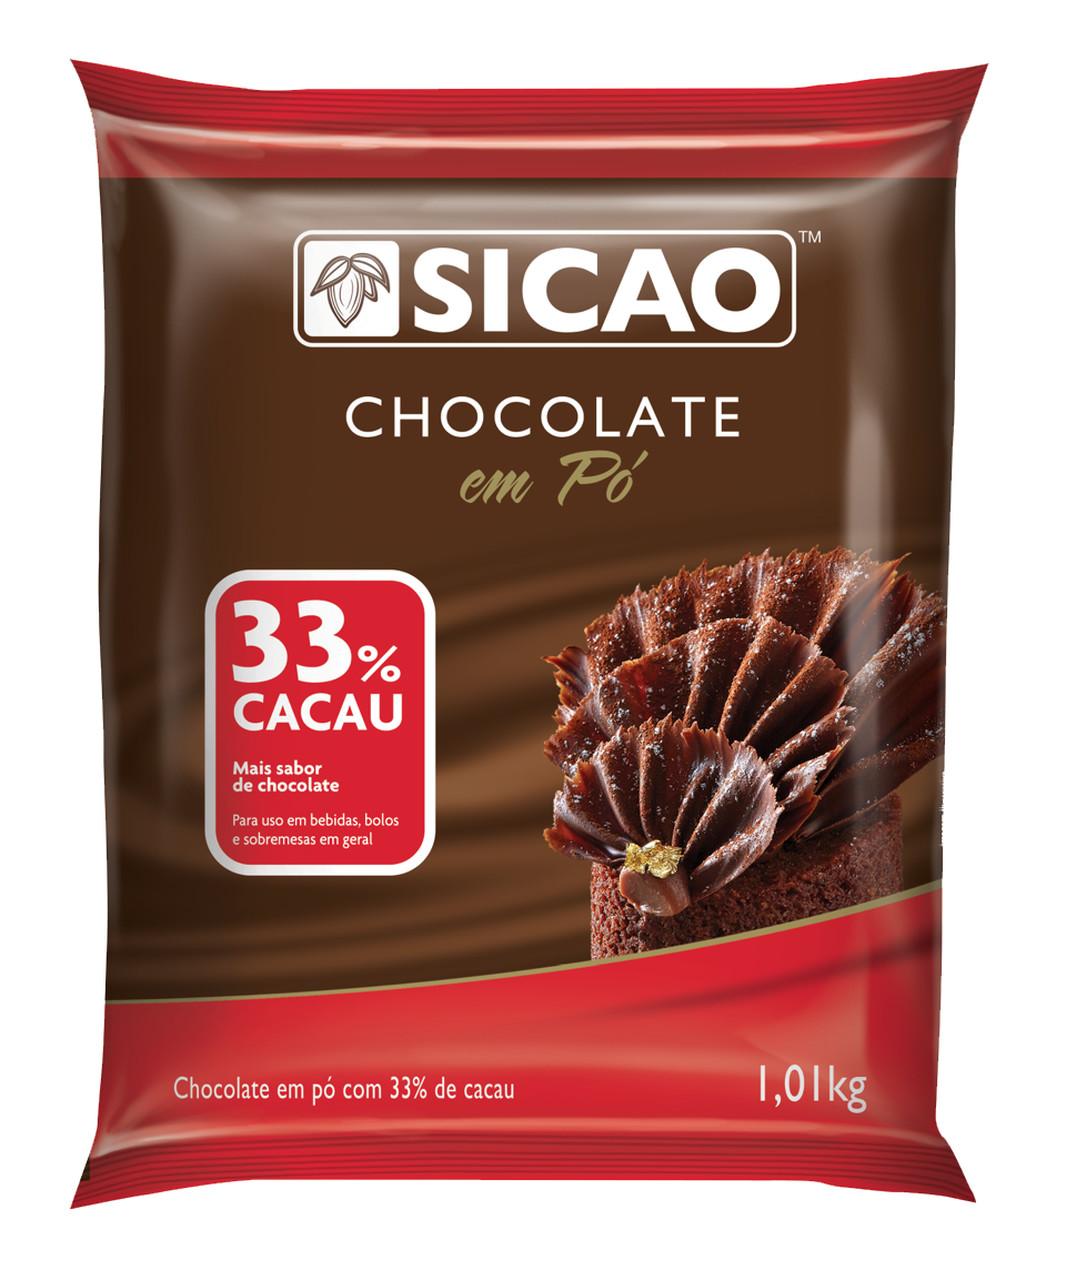 Sicao Chocolate em pó 33% 1,01kg